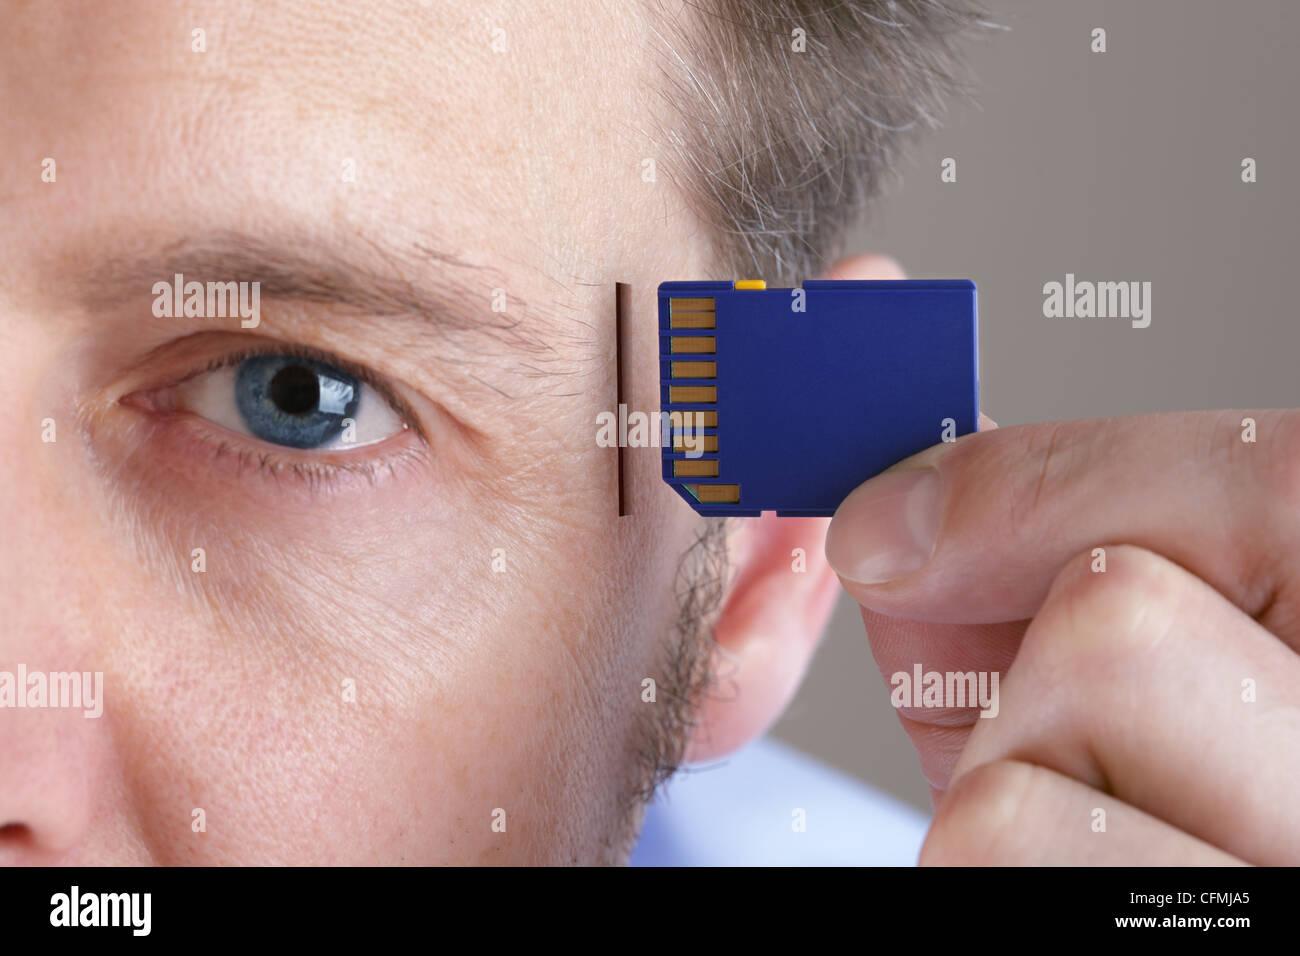 Memoria e aggiornamento del cervello Immagini Stock